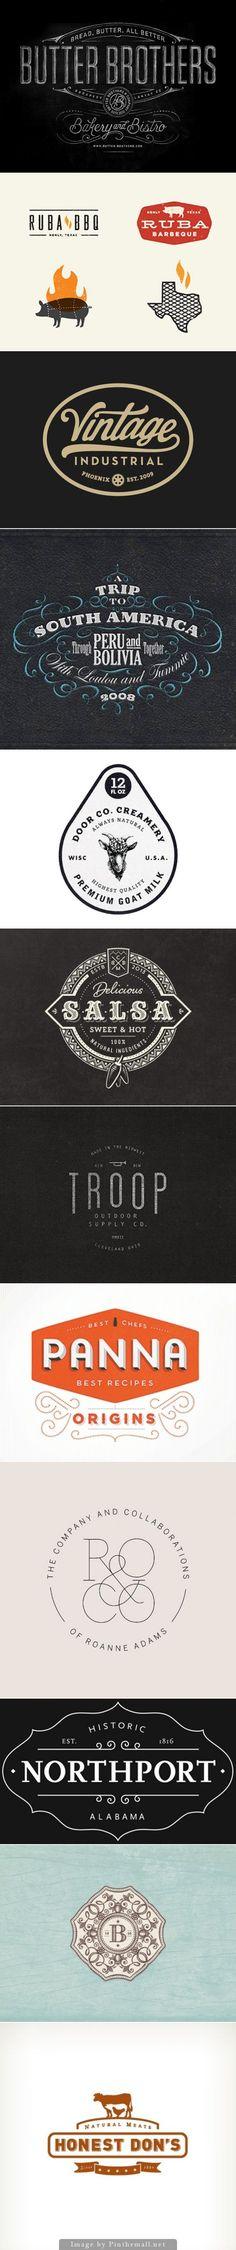 Vintage & Retro Logo Designs: